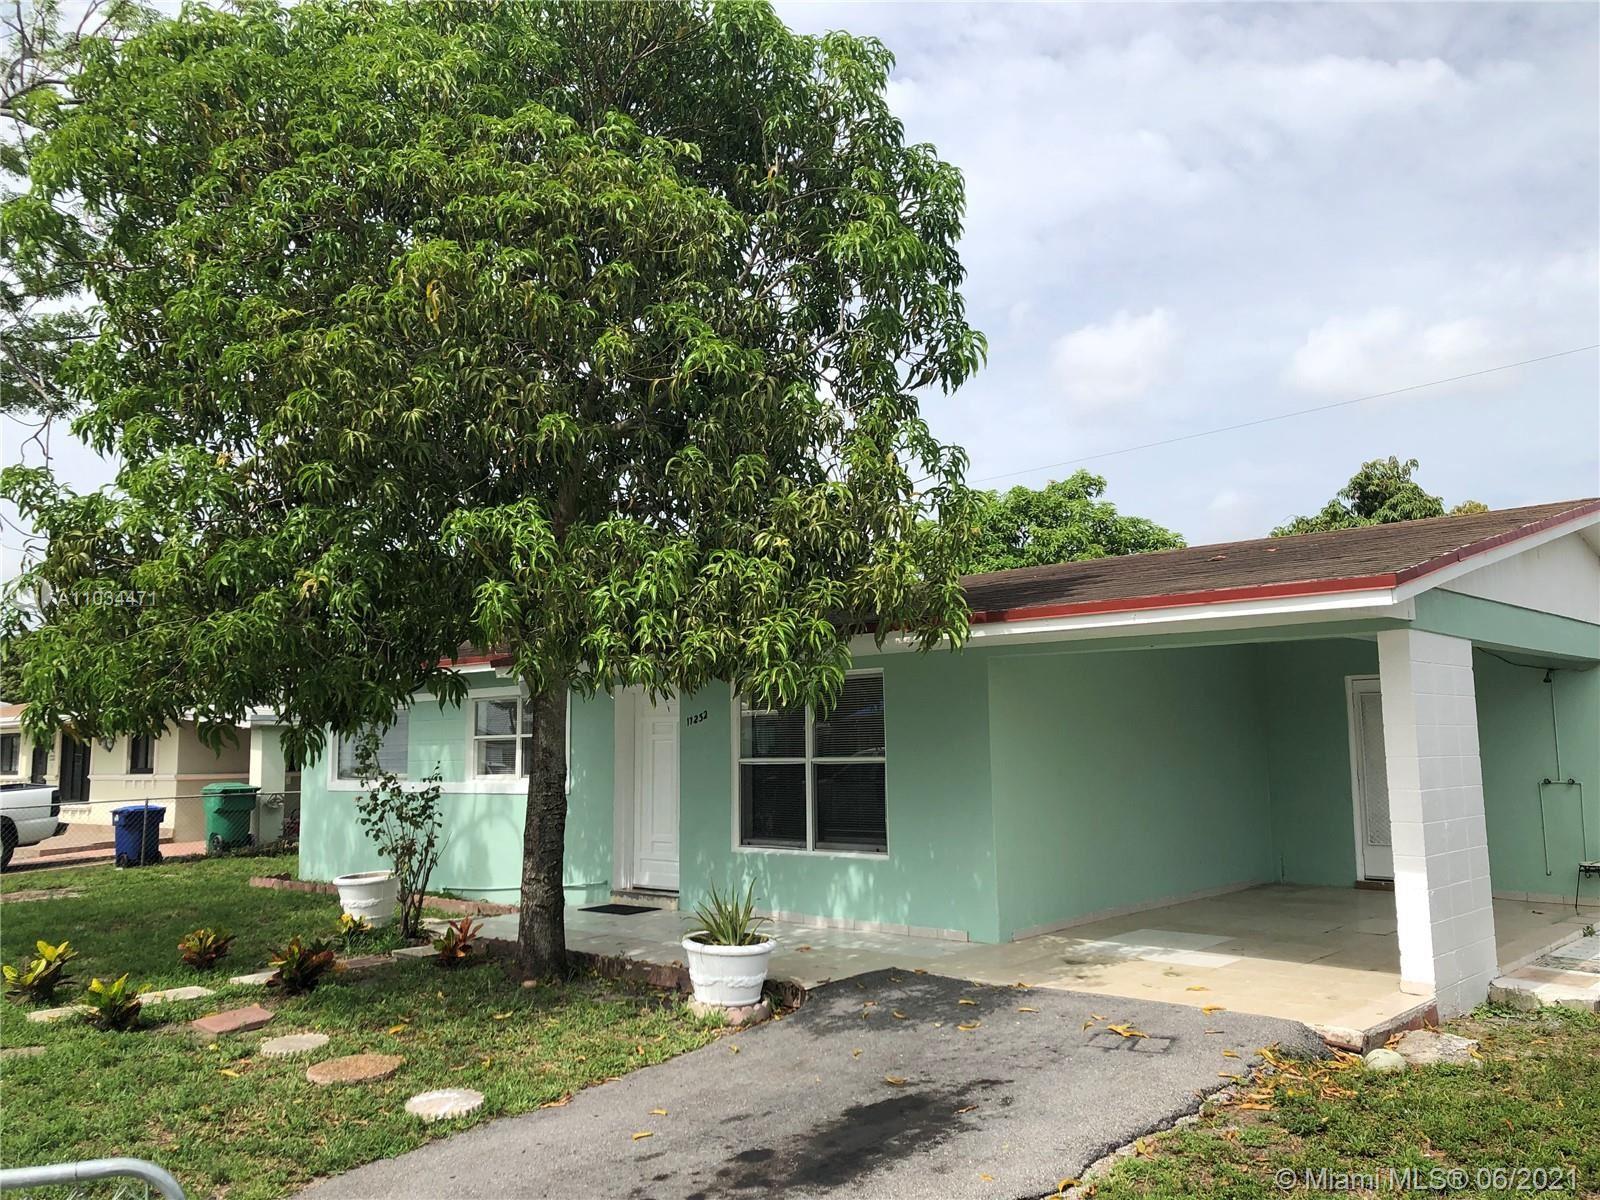 17232 NW 48th Ct, Miami Gardens, FL 33055 - #: A11034471